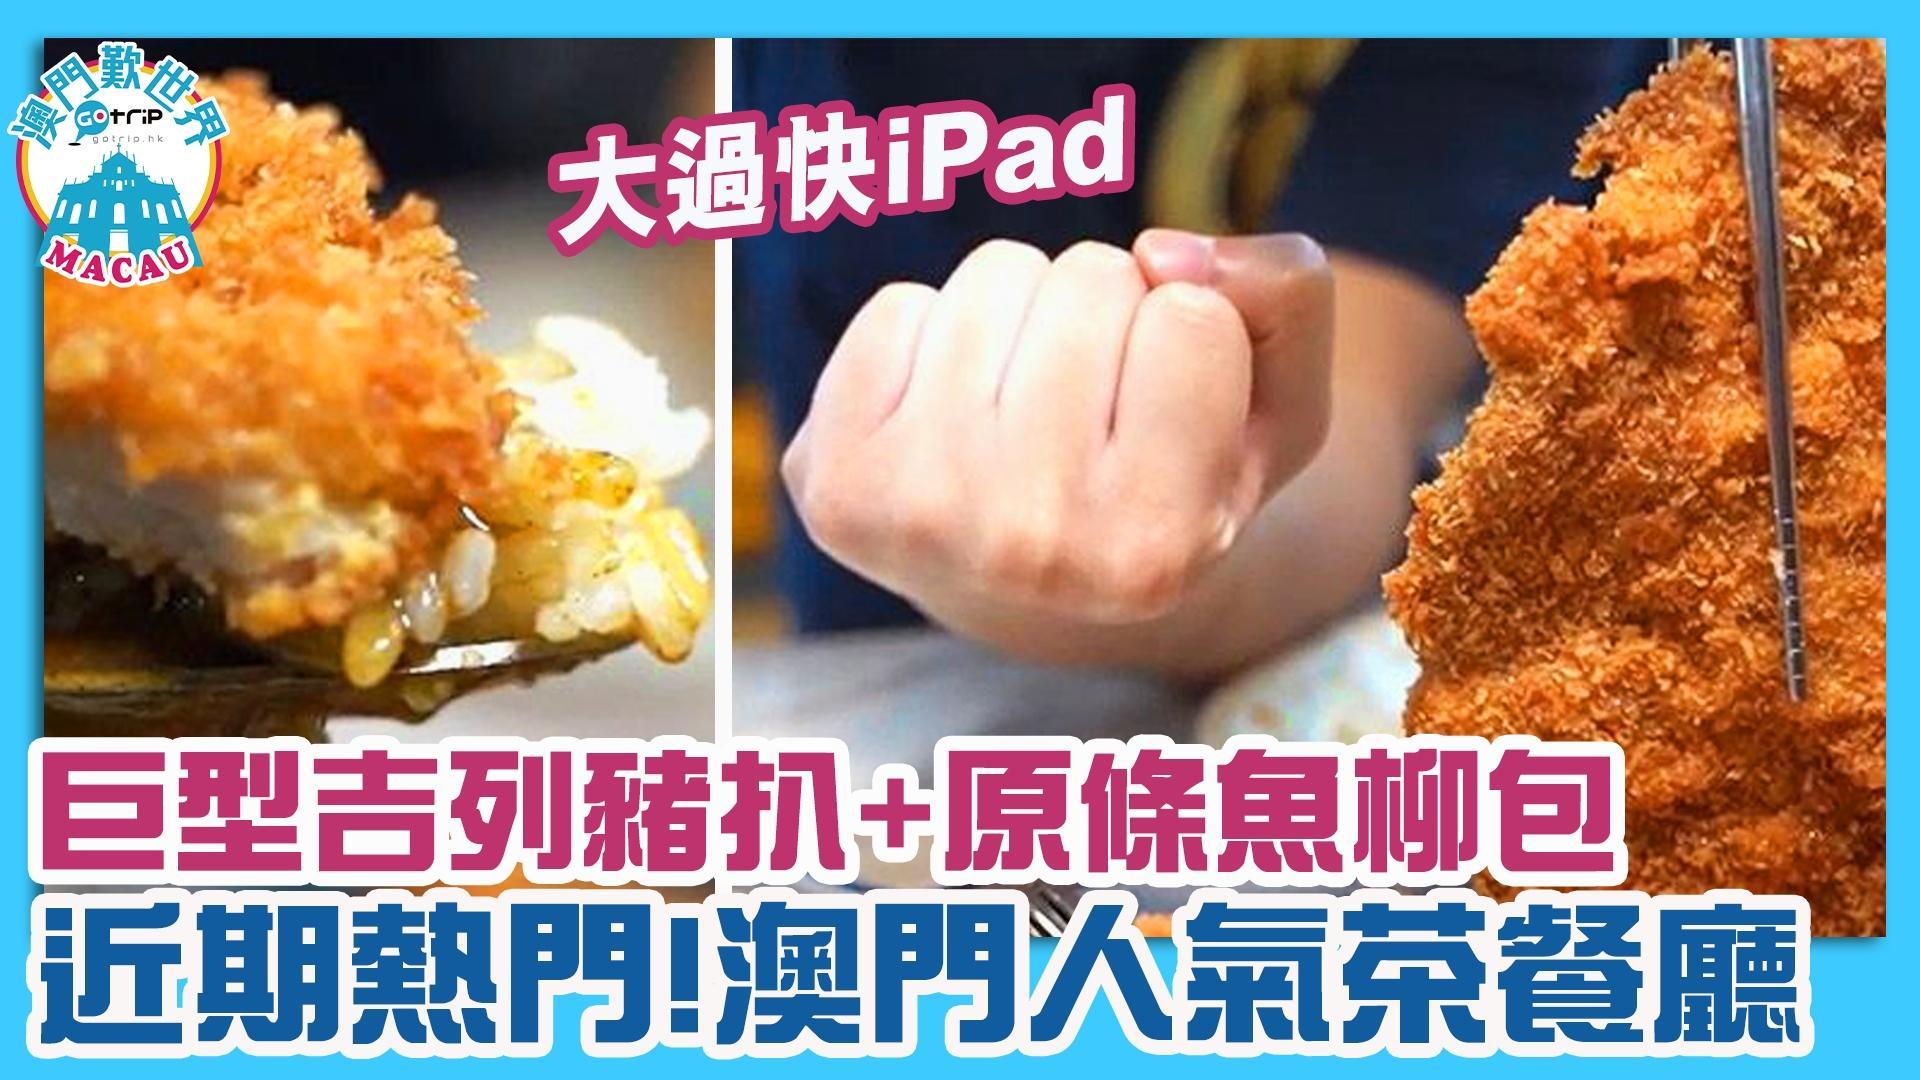 澳門人氣必試茶餐廳 大過iPad嘅吉列豬扒+原條魚柳包